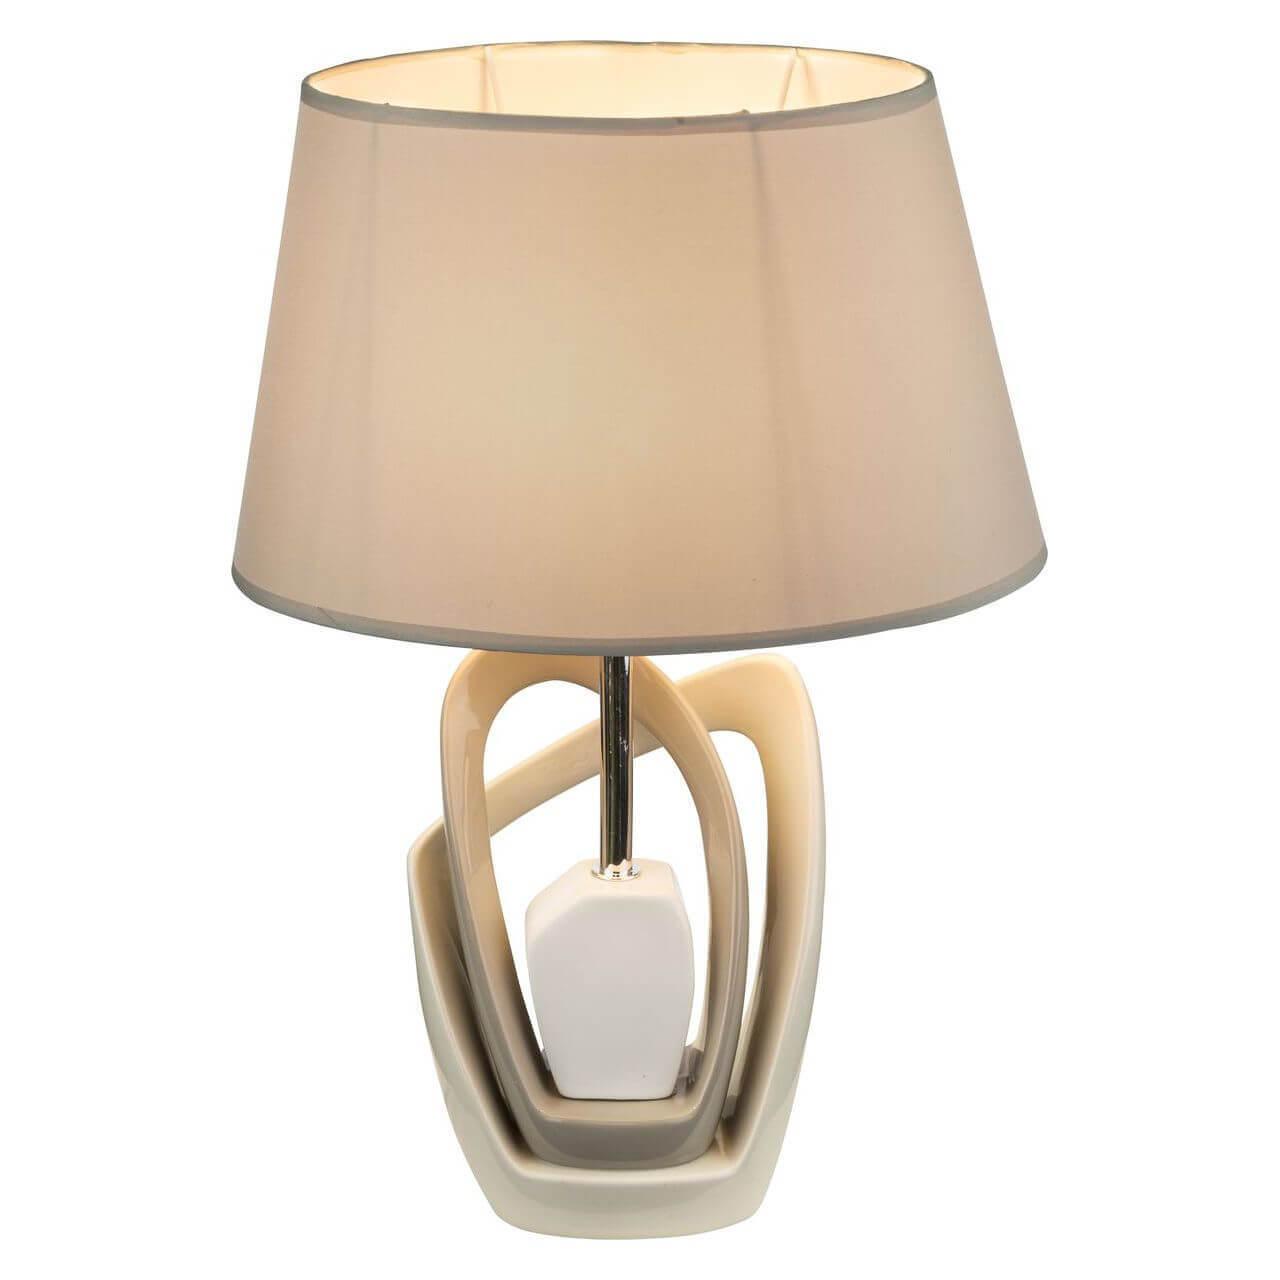 Настольная лампа Globo 21642T Jeremy настольная лампа декоративная globo jeremy 21643t